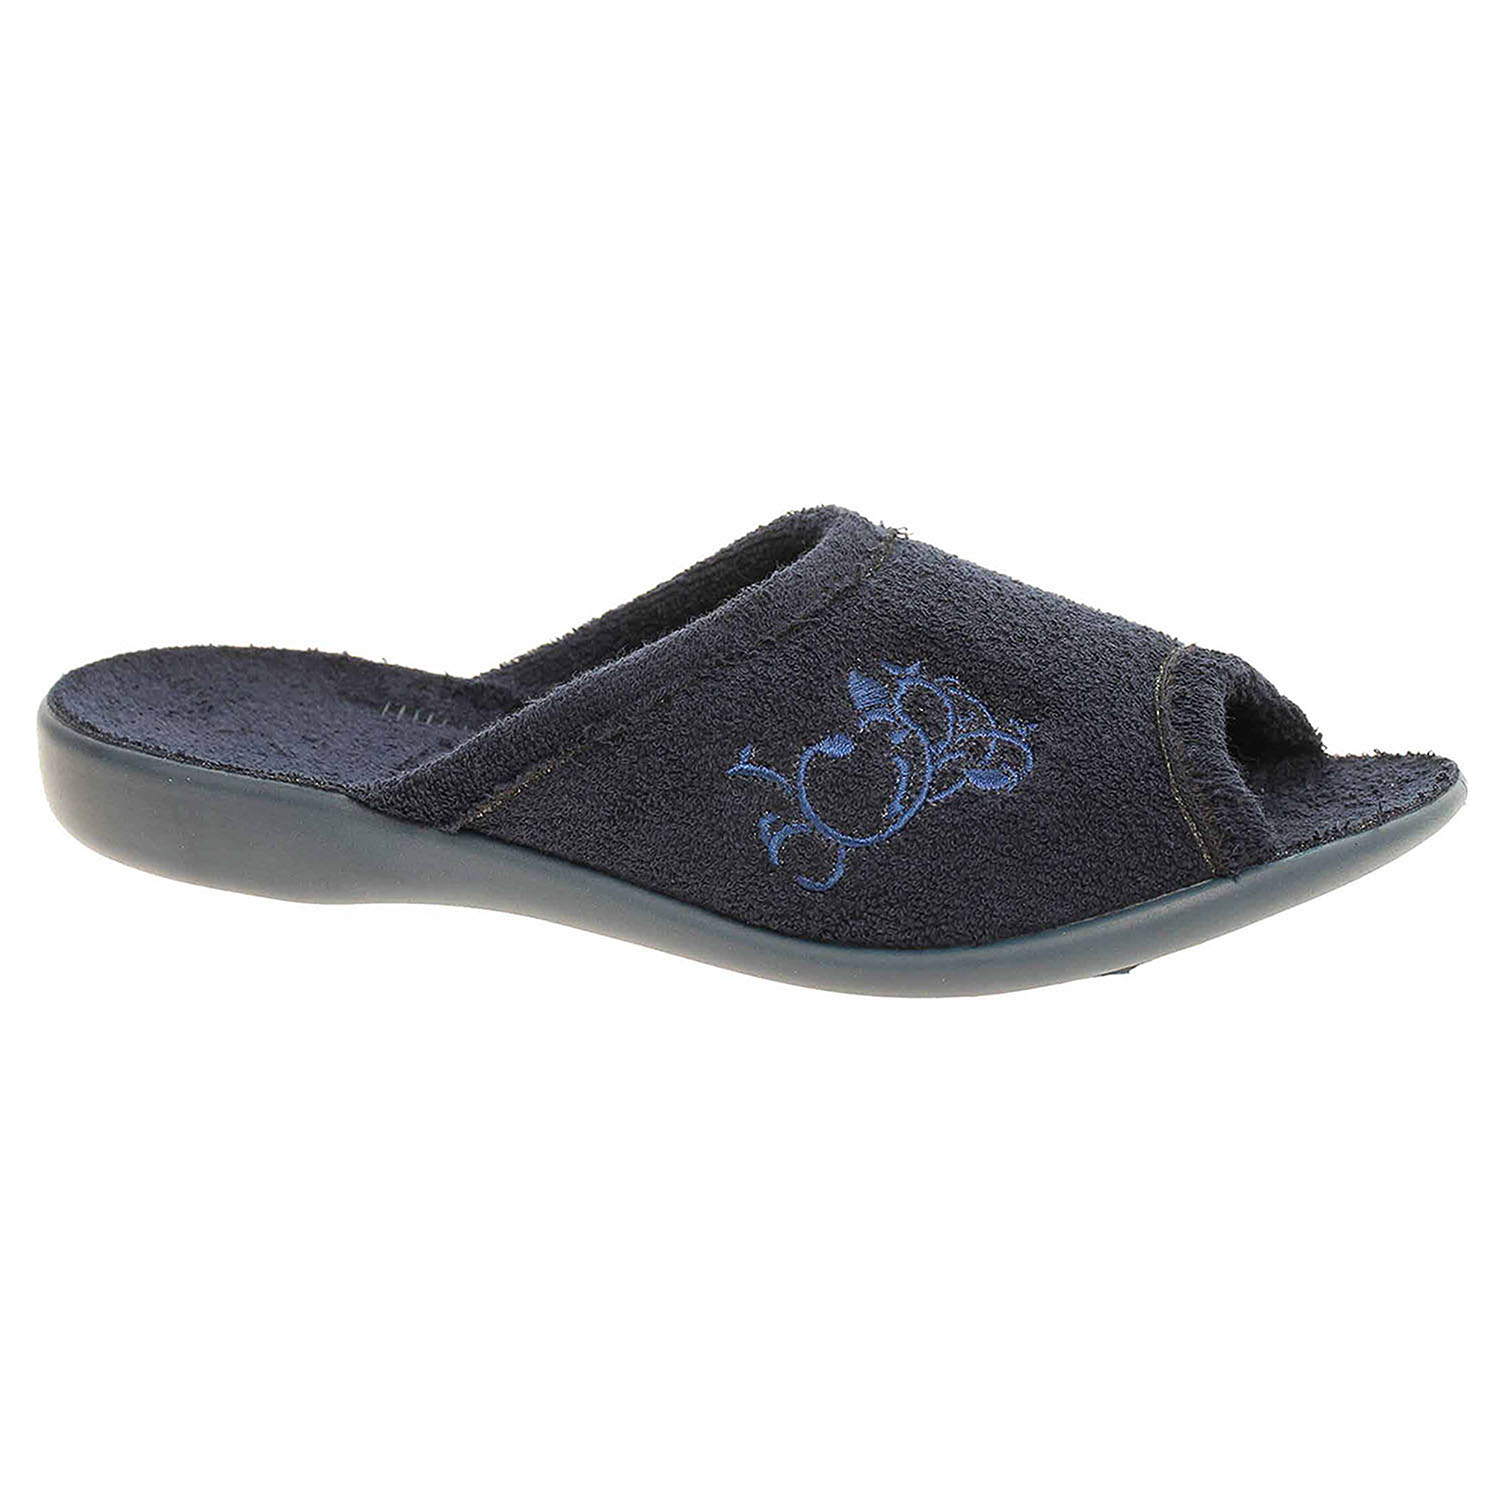 Dámské domácí pantofle Befado 256D002 modrá 256D002 38